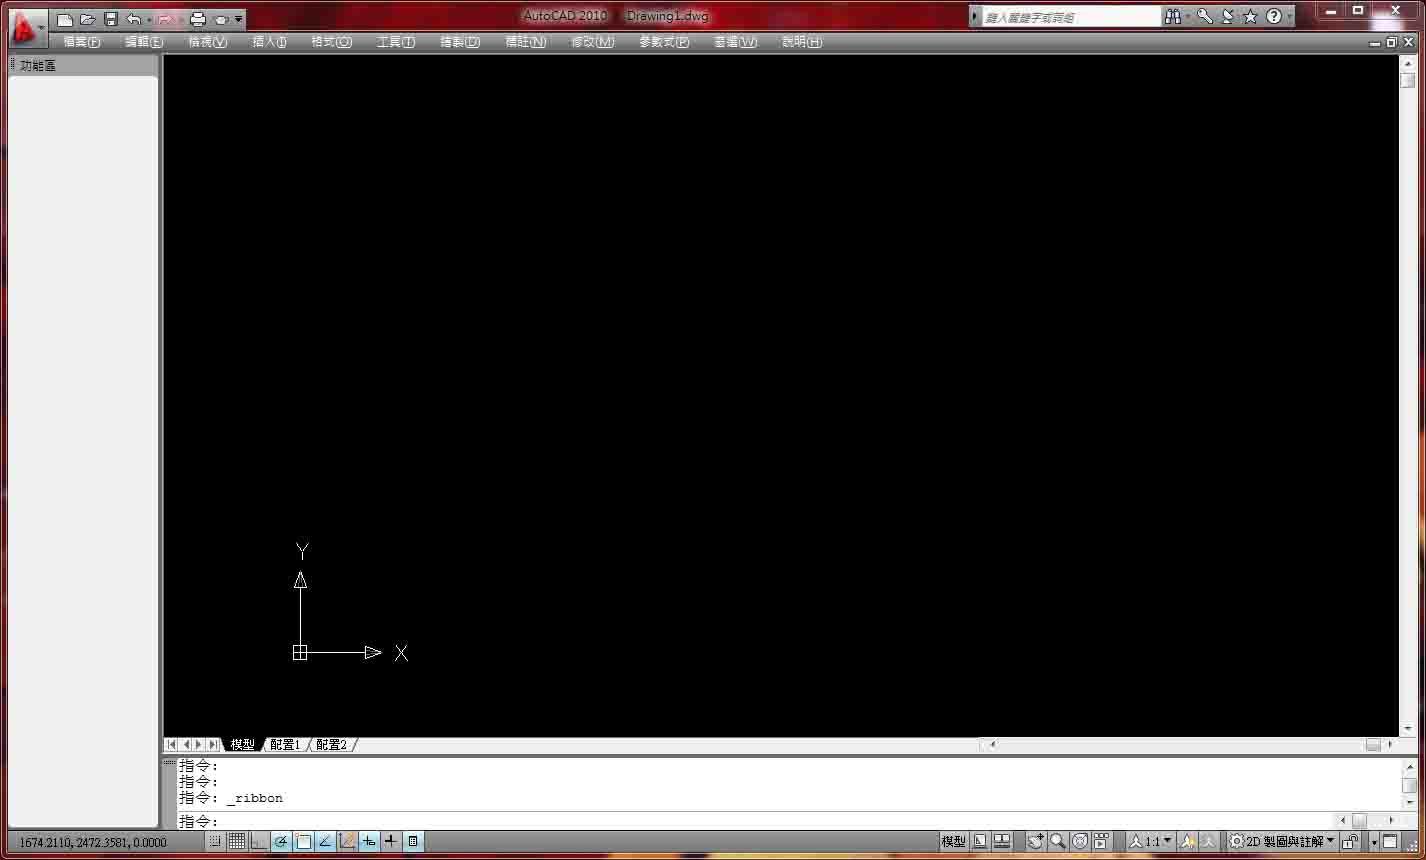 [討論] 跳出錯誤視窗 & 功能區異常 Ic62rp